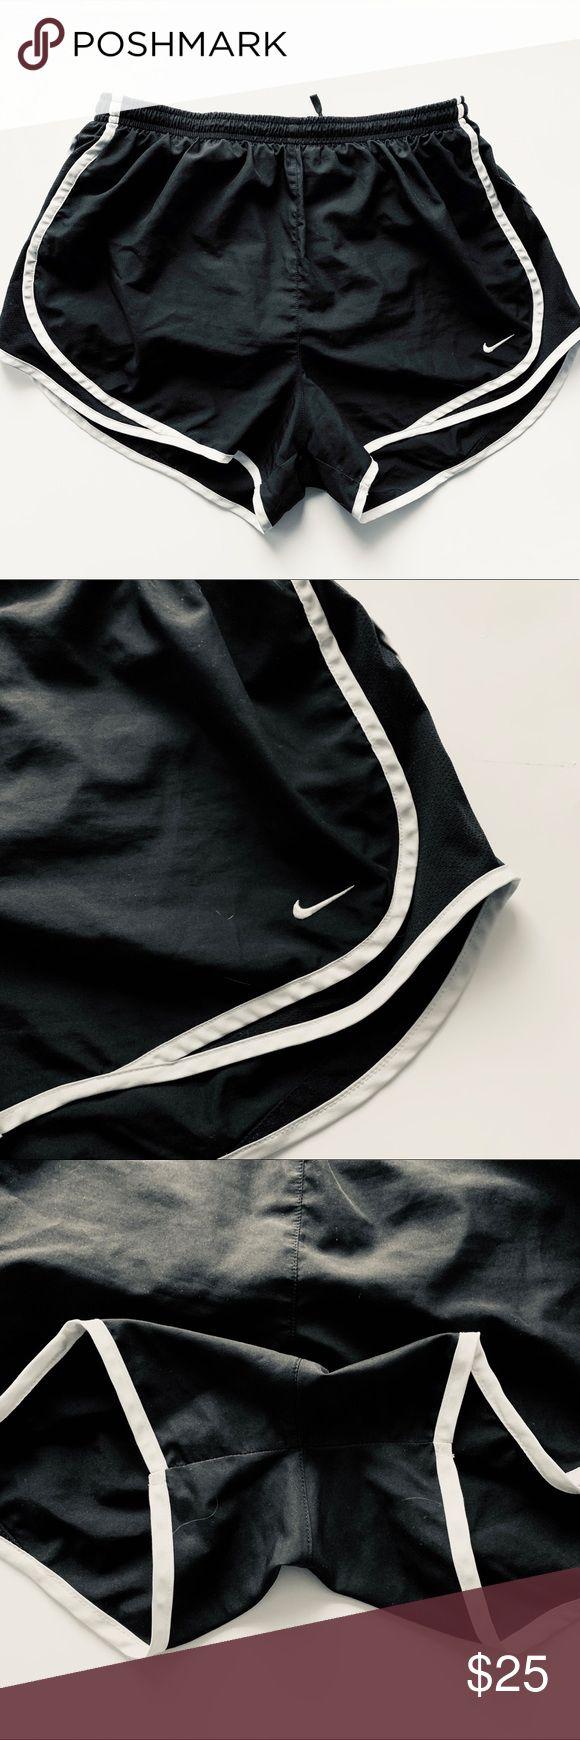 💕NIKE-Shorts NIKE-Shorts. Schwarz mit dem weißen Nike-Logo. Super bequem und gr …   – My Posh Picks